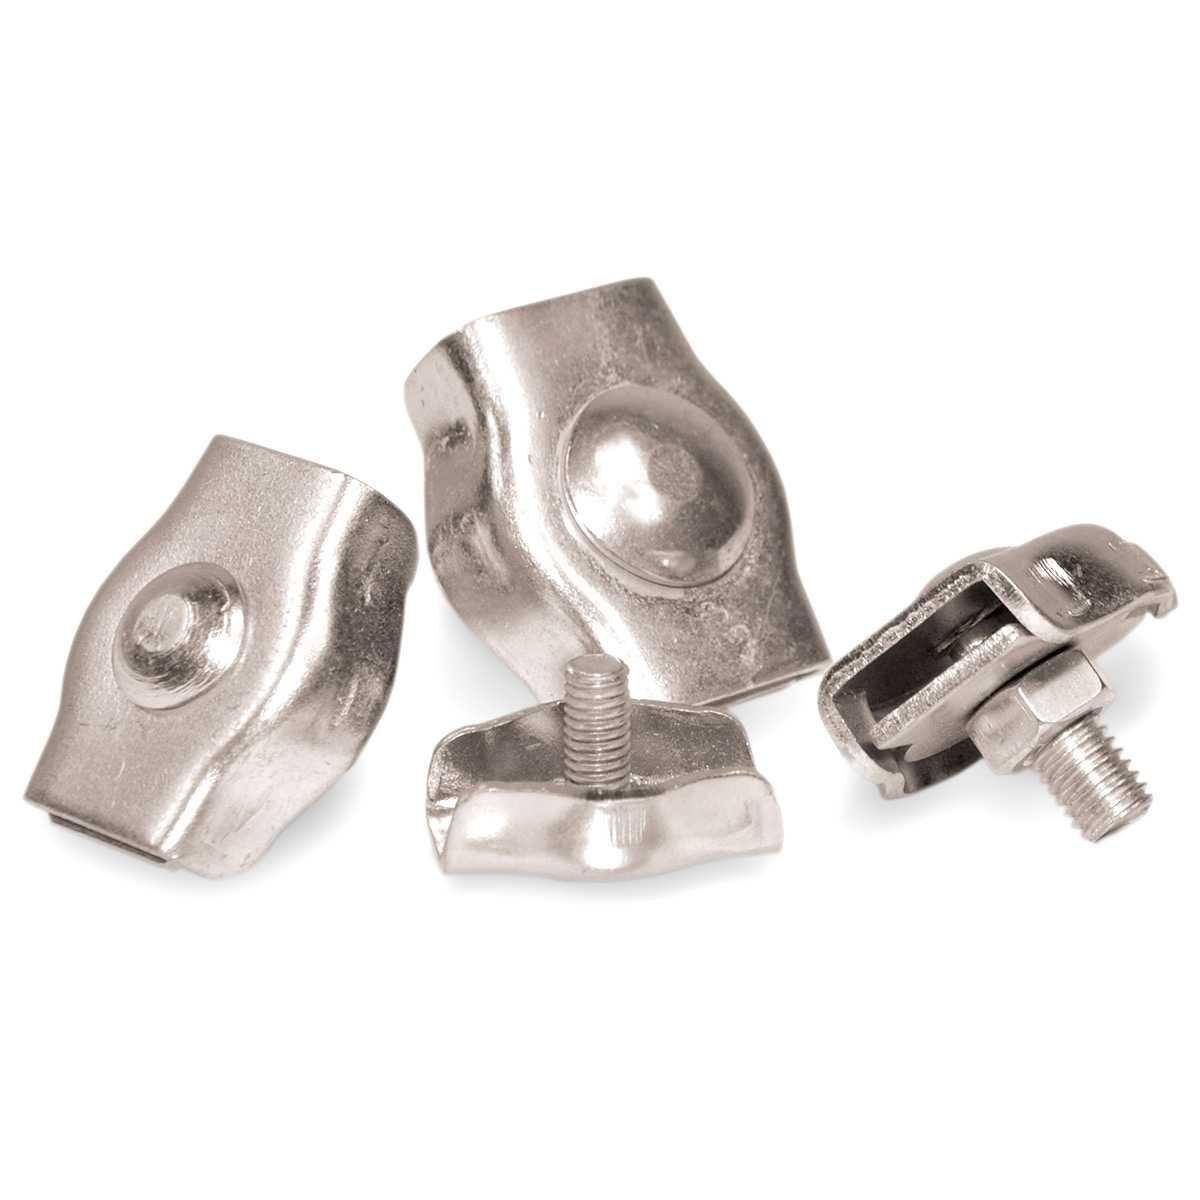 Serre-c/âble pour les Cordes Corde d/'Acier Zingu/é C/âble en acier werk STANKE 10x Serre-c/âble de Selle Simple 5mm Serre-c/âble